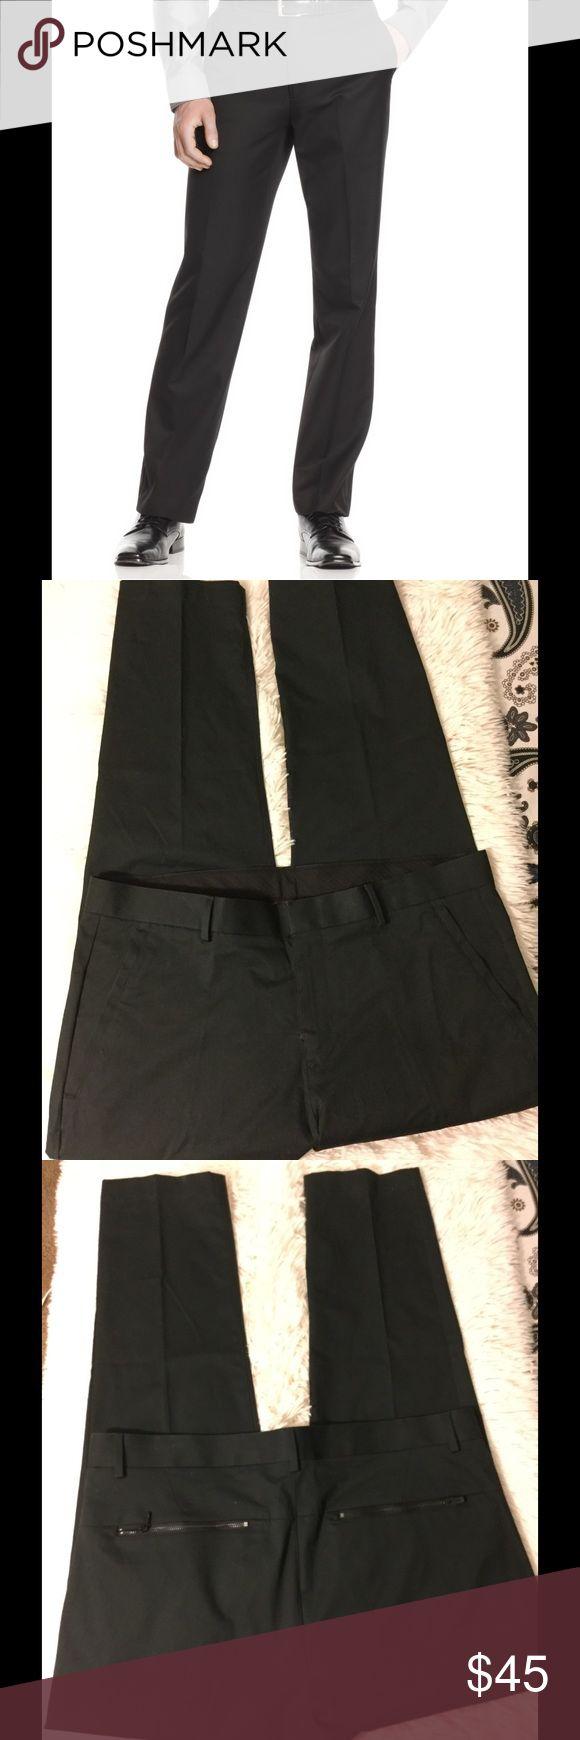 ⛵️Calvin Klein Men's Pants,Slim Fit Dress pants ⛵️ 🌹Calvin Klein Men's Pants, ultra Slim Fit Dress Pants   36 X 30  98% cotton and 2% Lycra perfect condition 🌹 Calvin Klein Pants